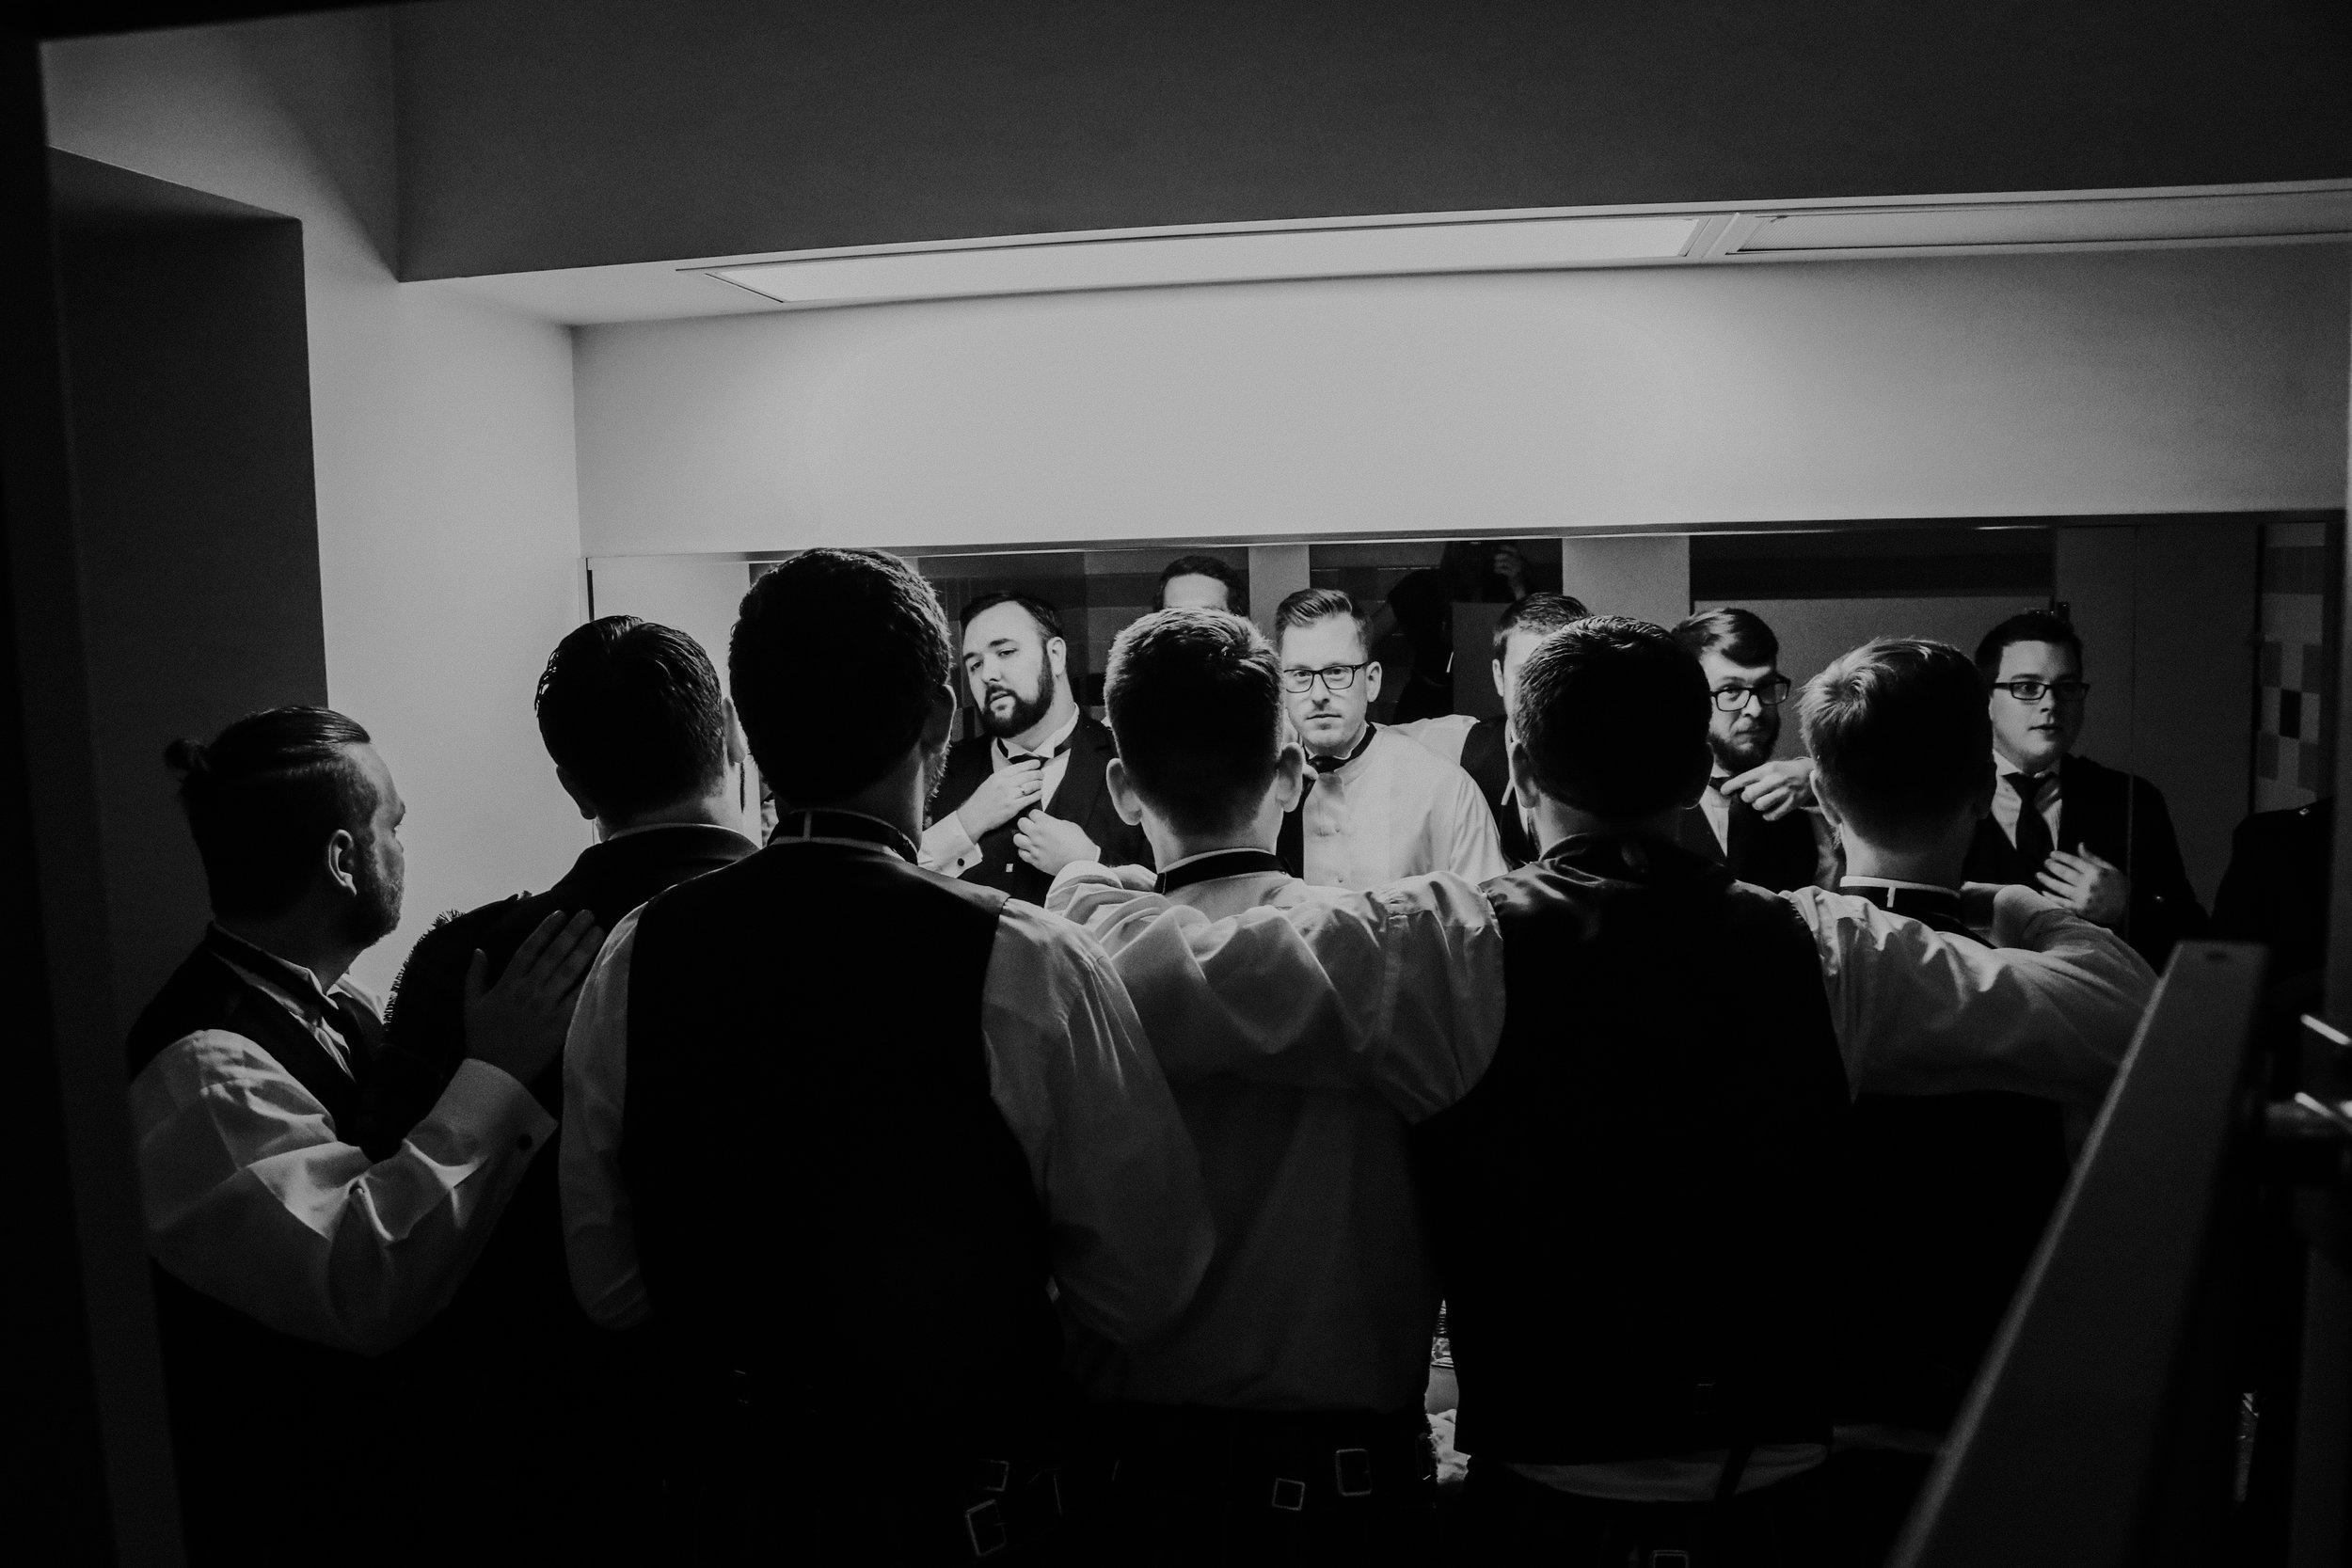 Donaldson_Boys Getting Ready_21.jpg